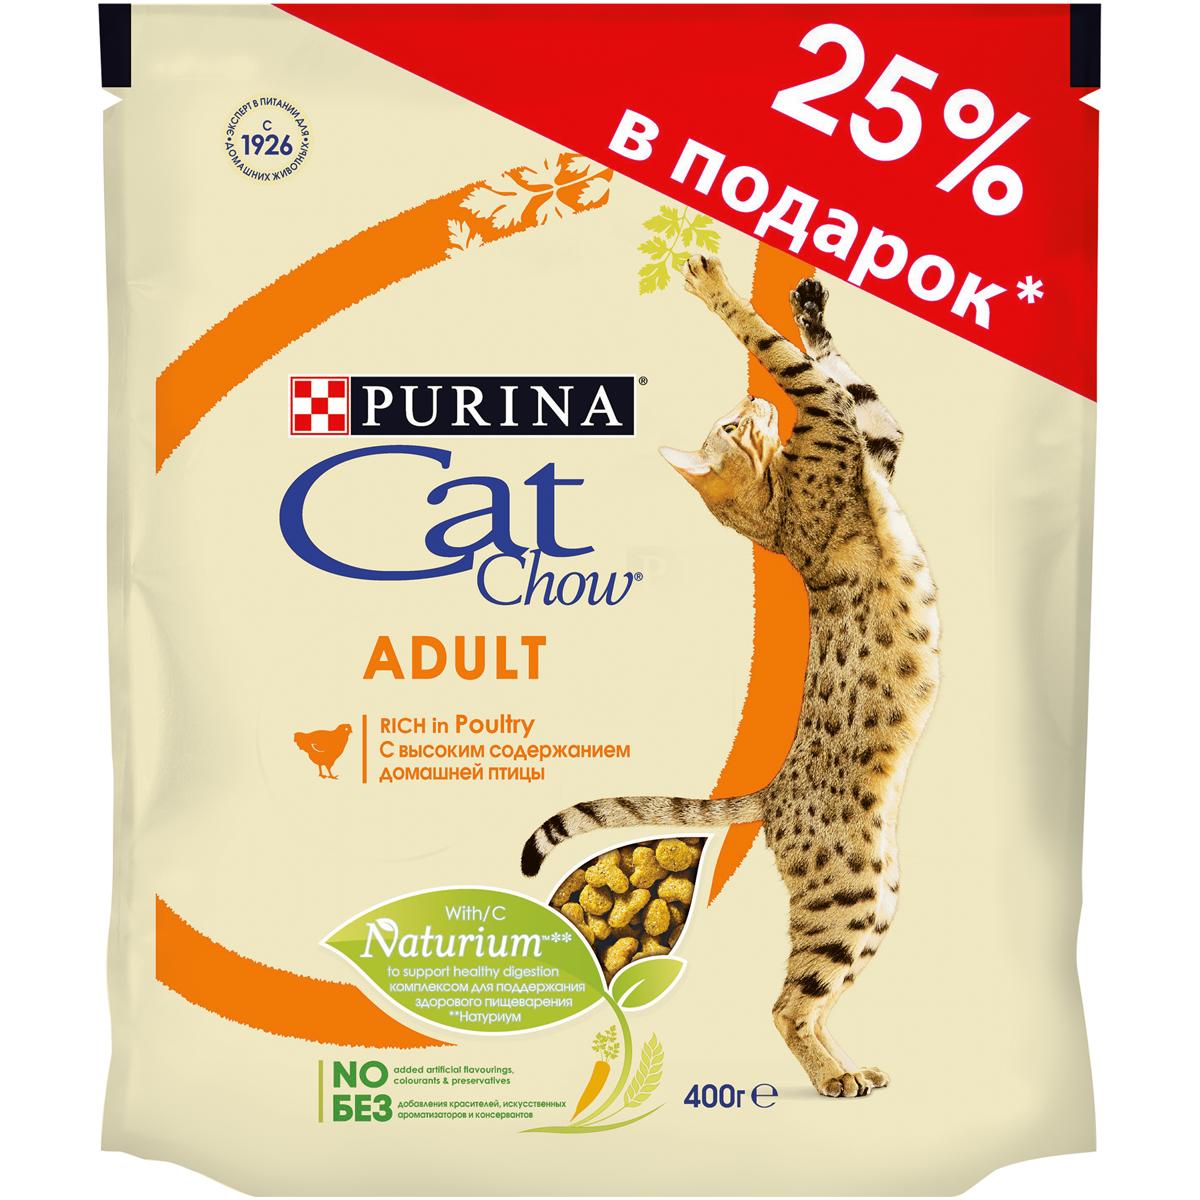 Корм сухой Purina Cat Chow для взрослых кошек, со вкусом домашней птицы, 400 г сухой корм cat chow для кошек с чувствительным пищеварением и чувствительной кожей 15кг